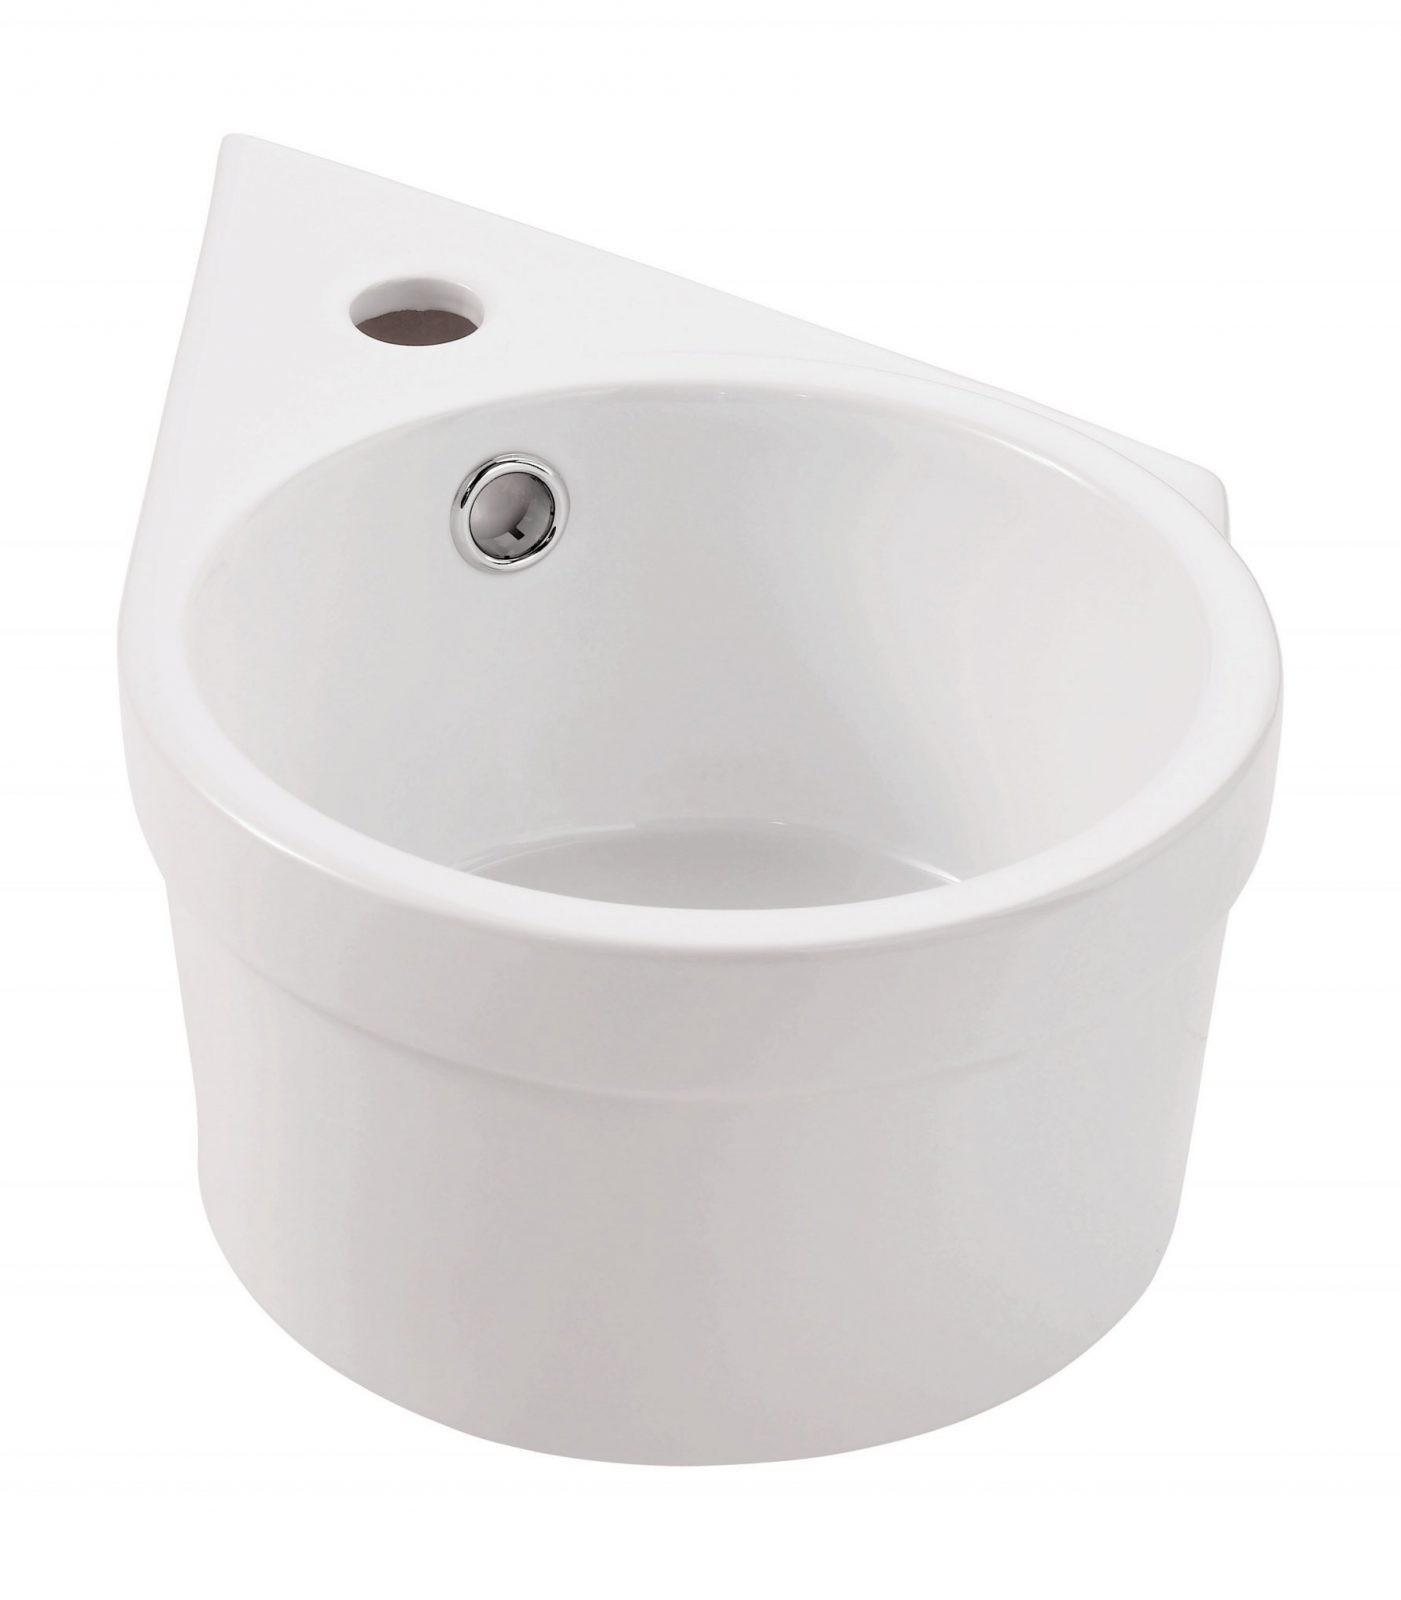 Handwaschbecken  Kleine Waschbecken Bei Calmwaters von Waschbecken 30 Cm Tief Photo